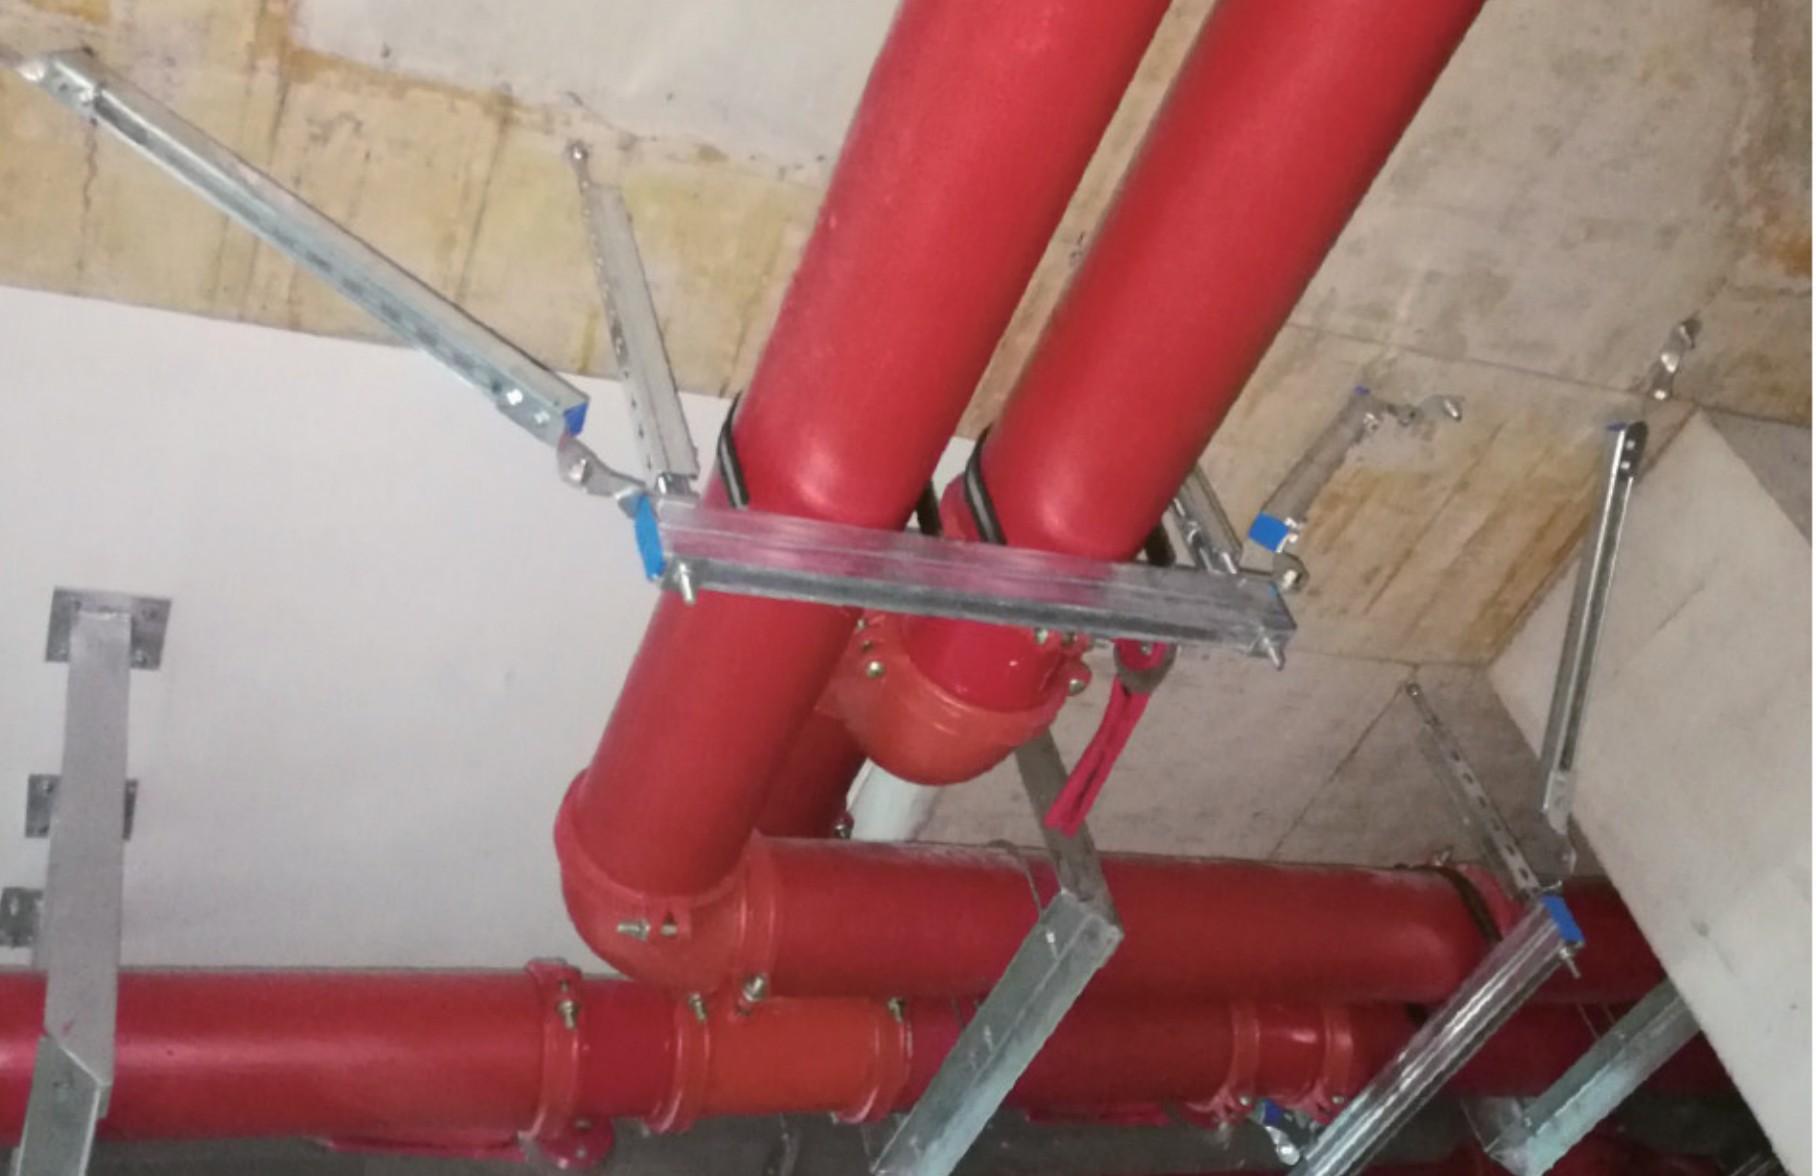 隧道支吊架产品特性和使用方法